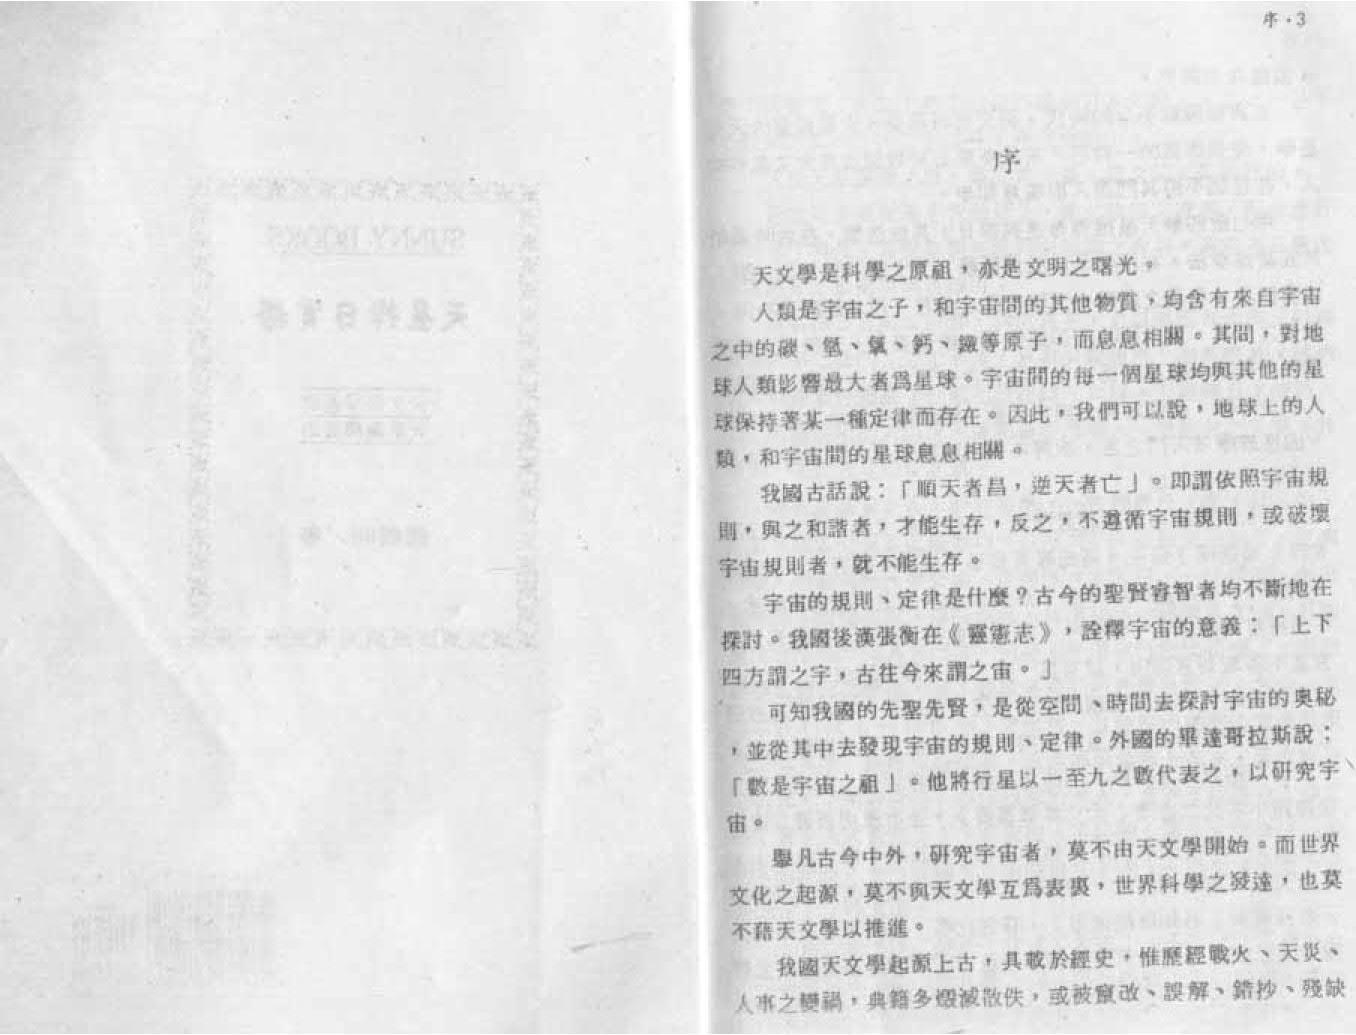 钟义明-天星择日实务_2